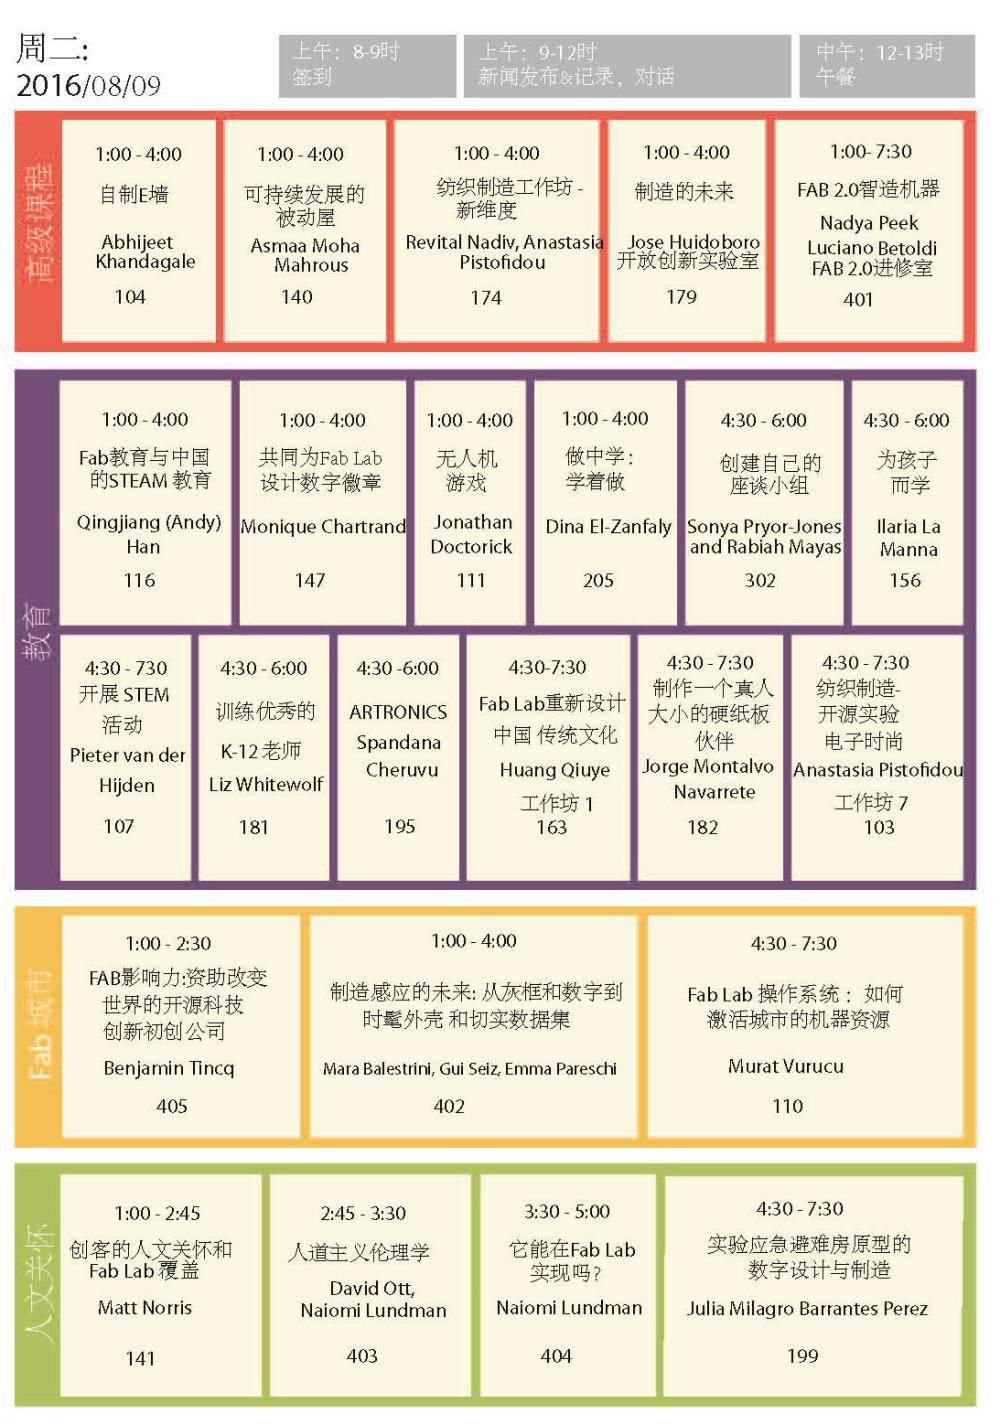 Fab12 日程安排表翻译版(721修改)_页面_1.jpg